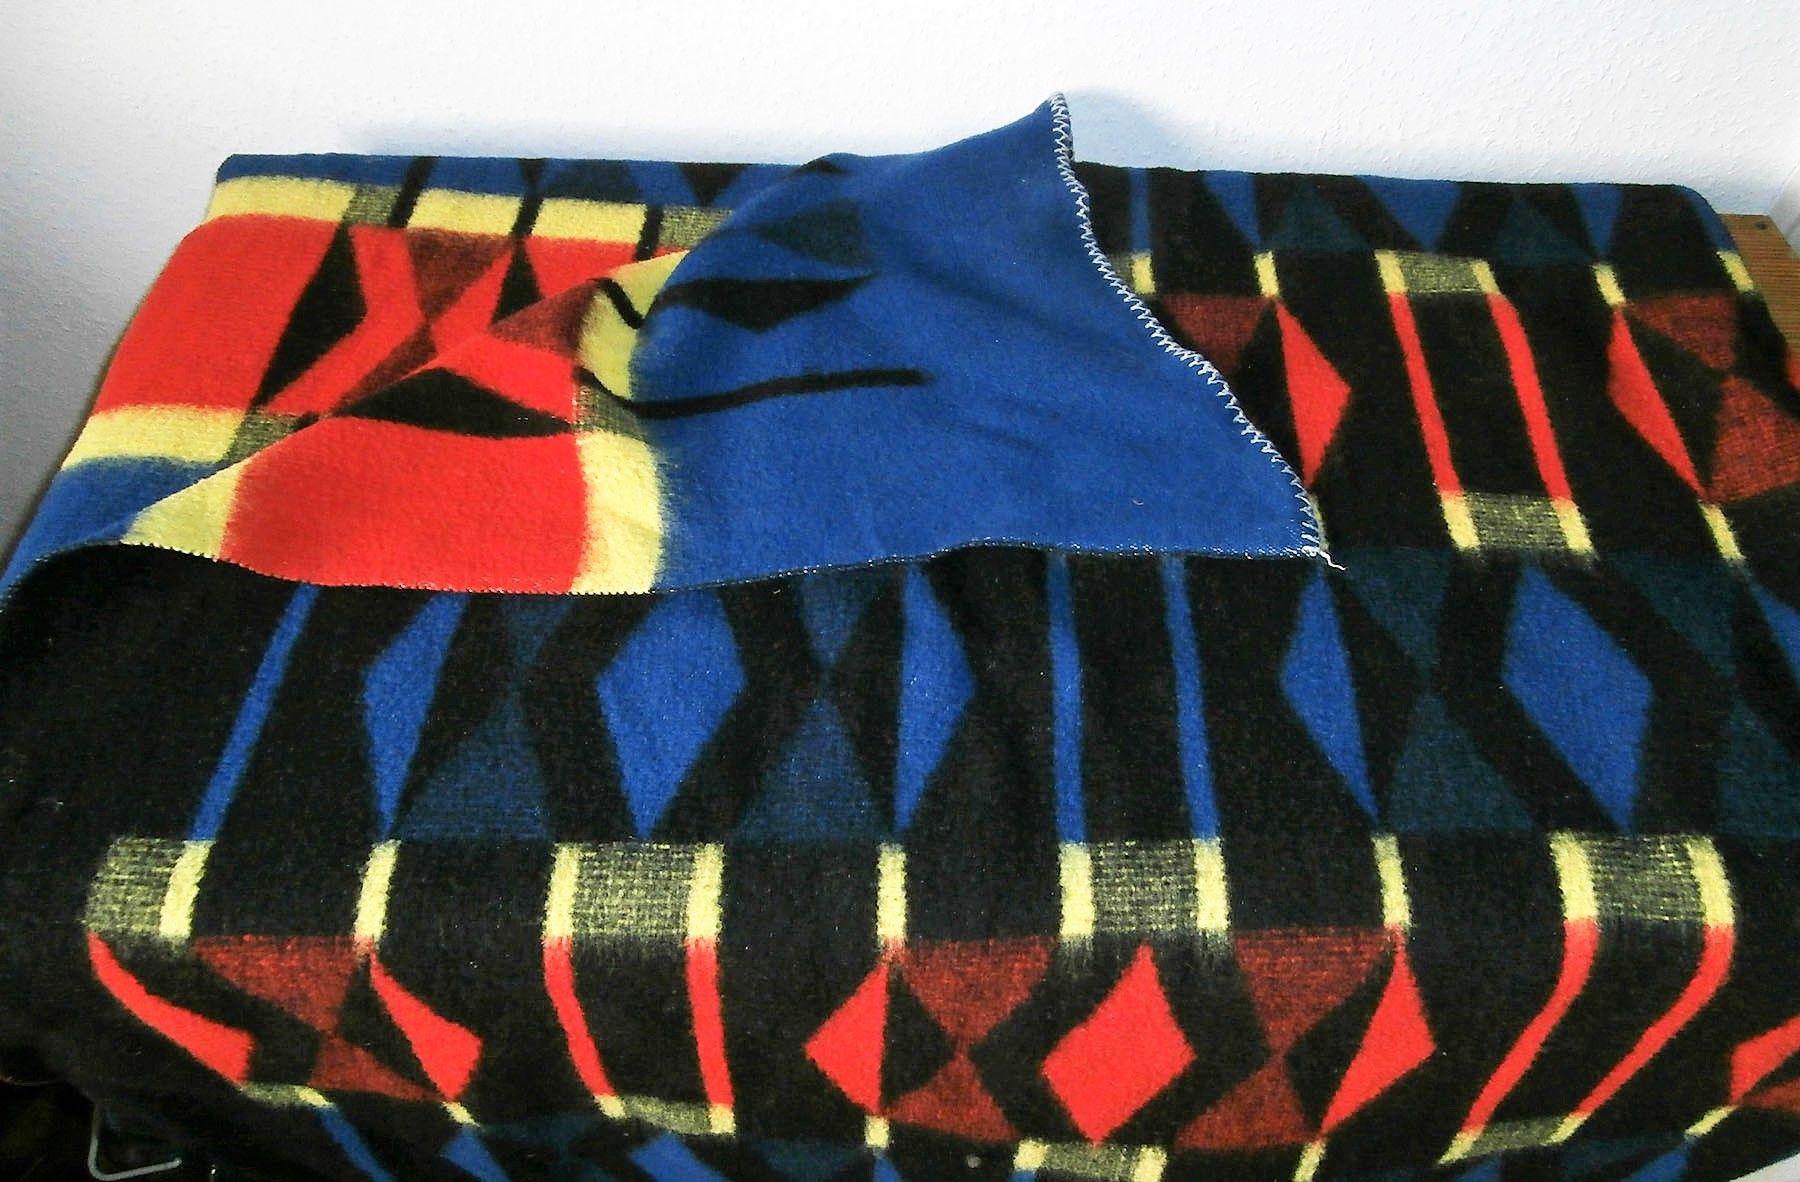 Carblanket Woolblanket Retroblankets Blanketmuseum Woolenblanket 50s 60s Campervan Oudedekens Vintageblanket Vintagedeken Retrodeken Wolldecke Decke